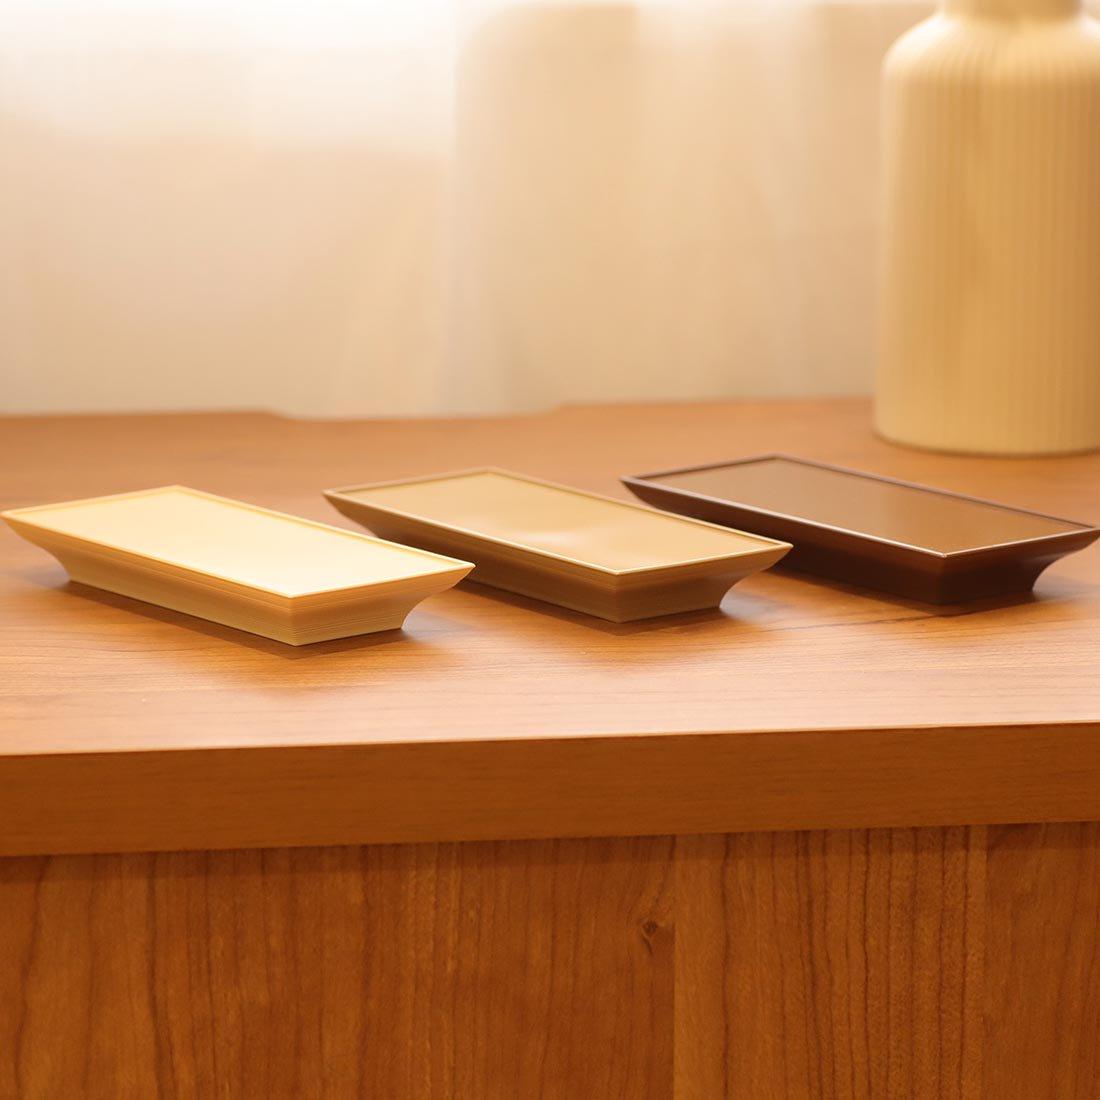 ことり 仏器膳 4.5寸 ナチュラル(全3色)